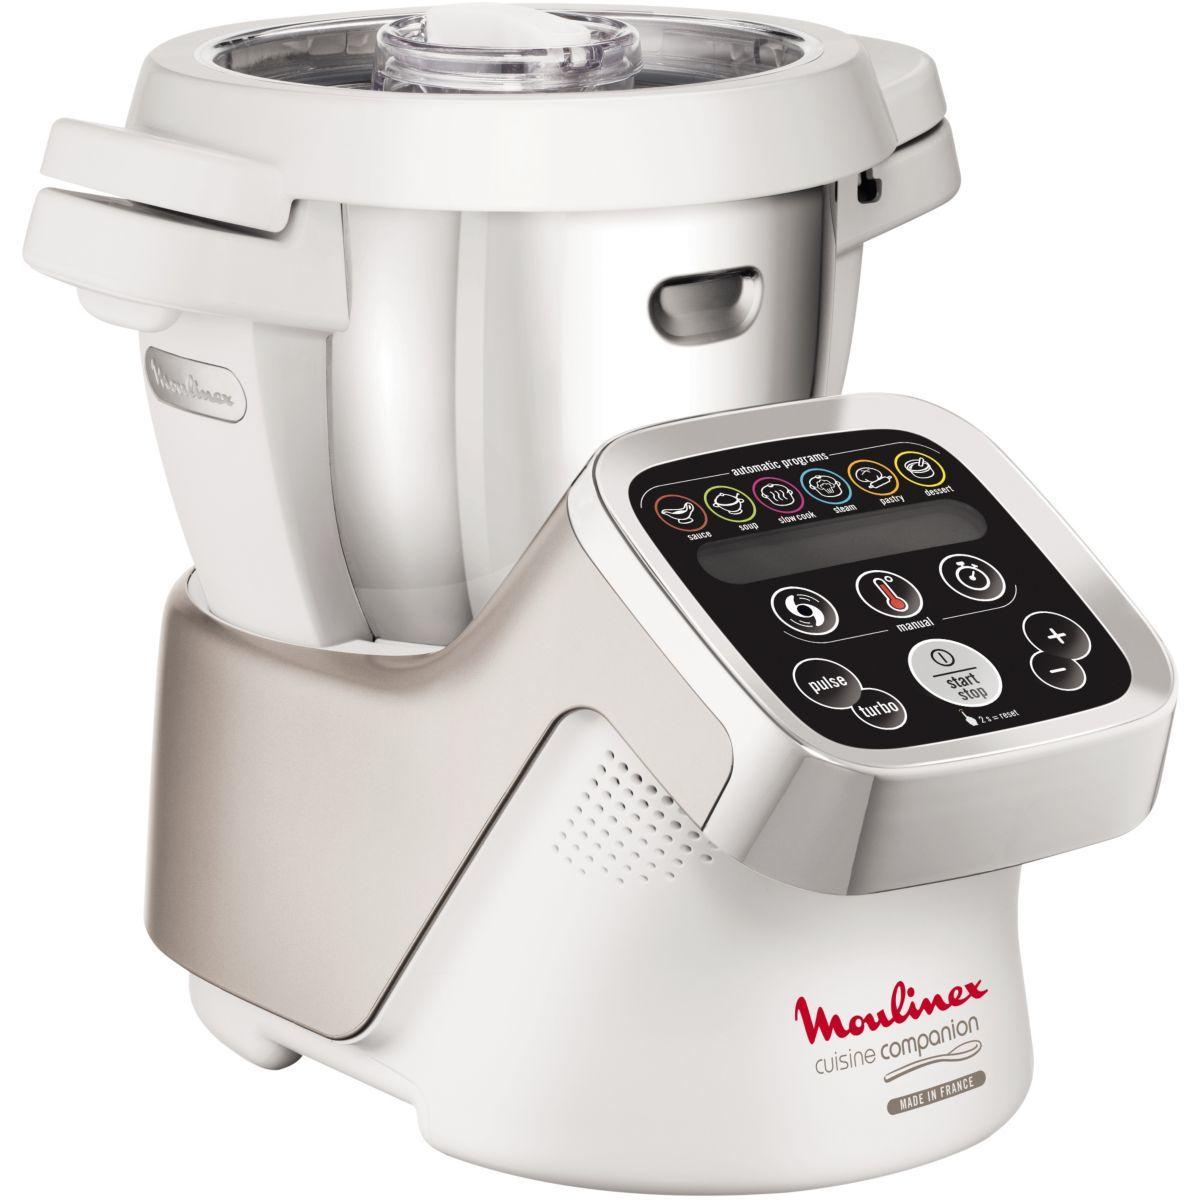 moulinex  robot cuiseur companion hf800a10  pas cher